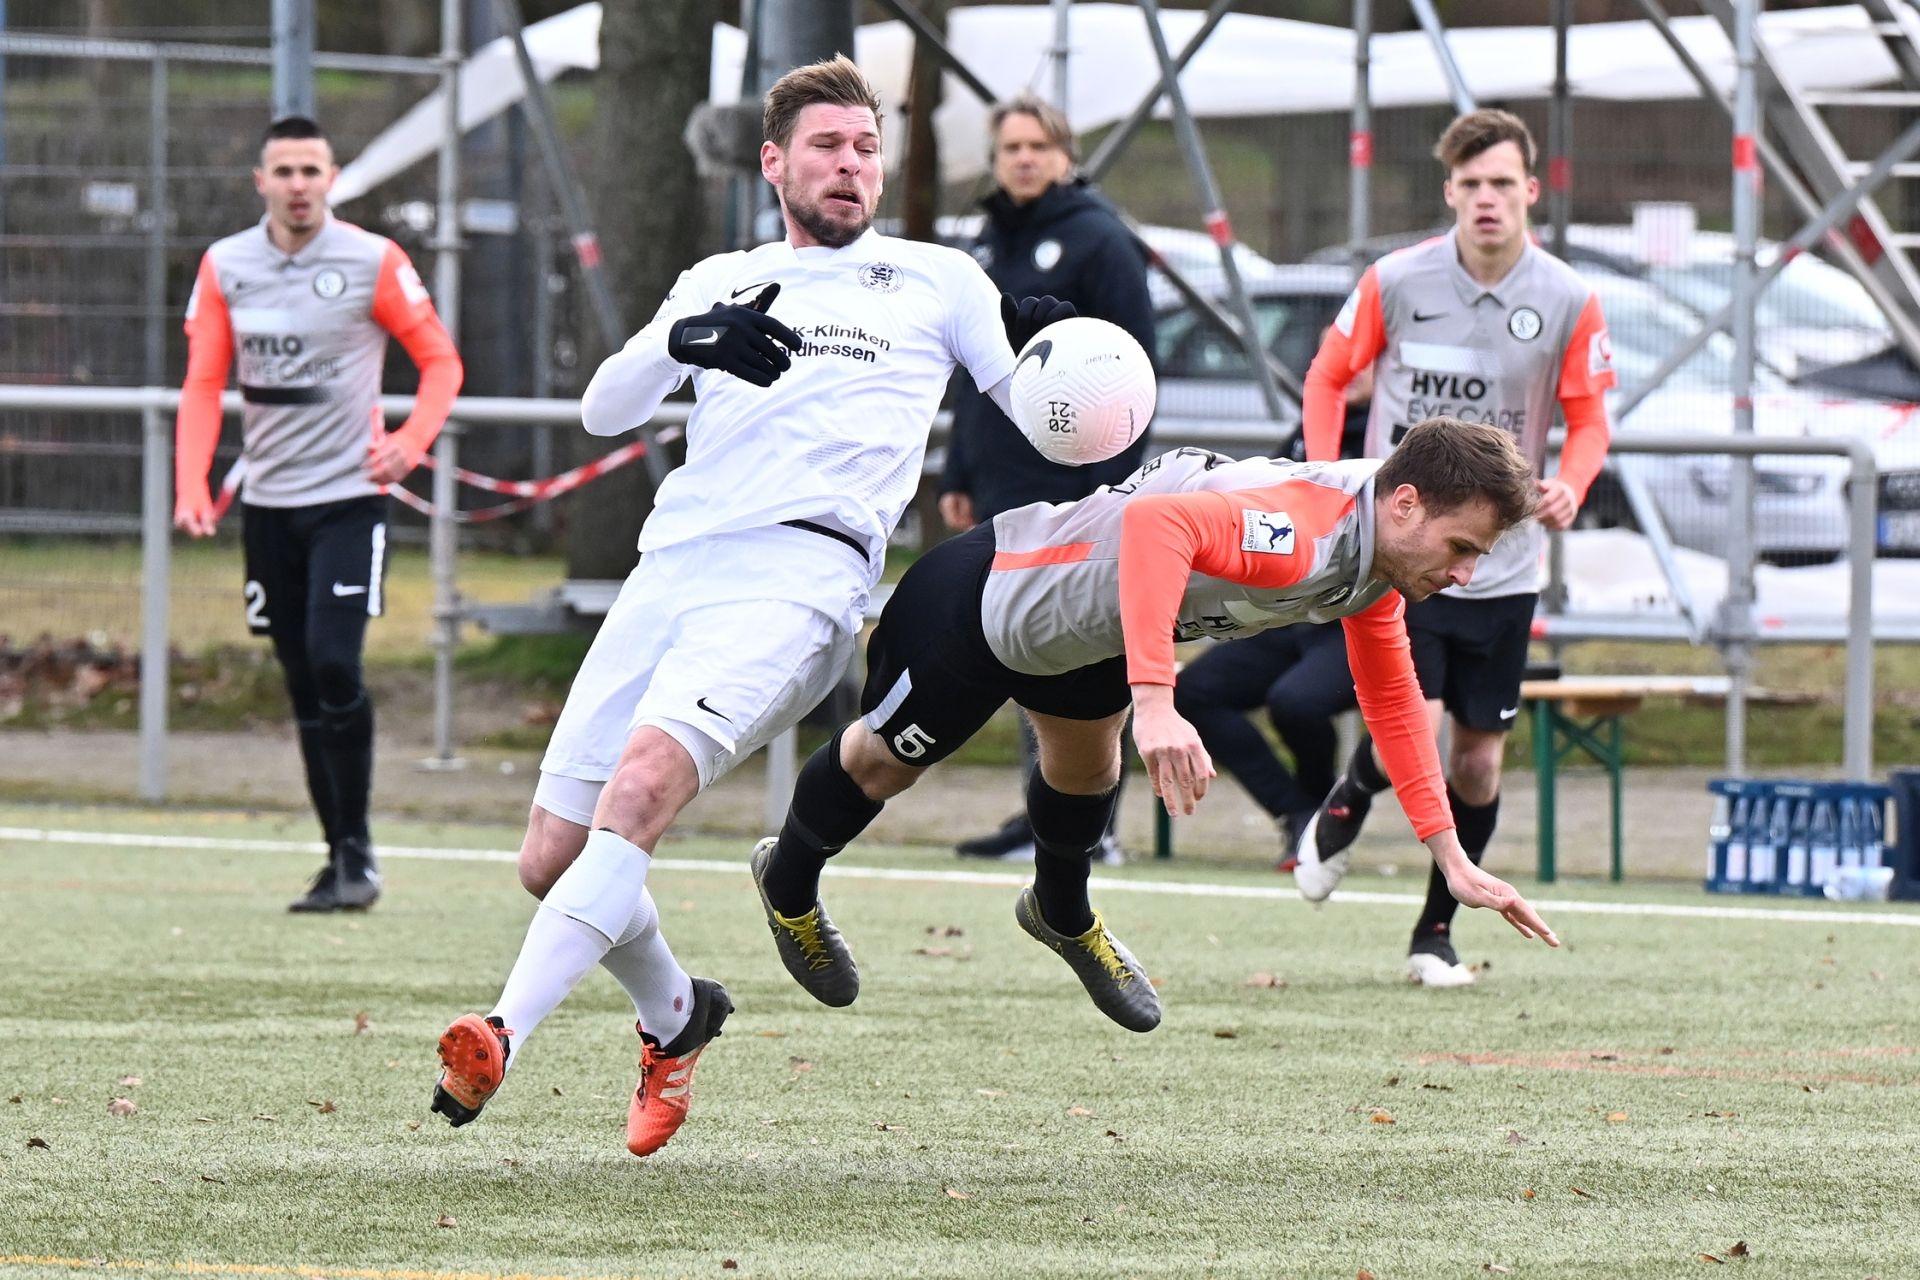 Regionalliga Südwest 2020/21, KSV Hessen Kassel, SV Elversberg, Endstand 0:2, Schmeer